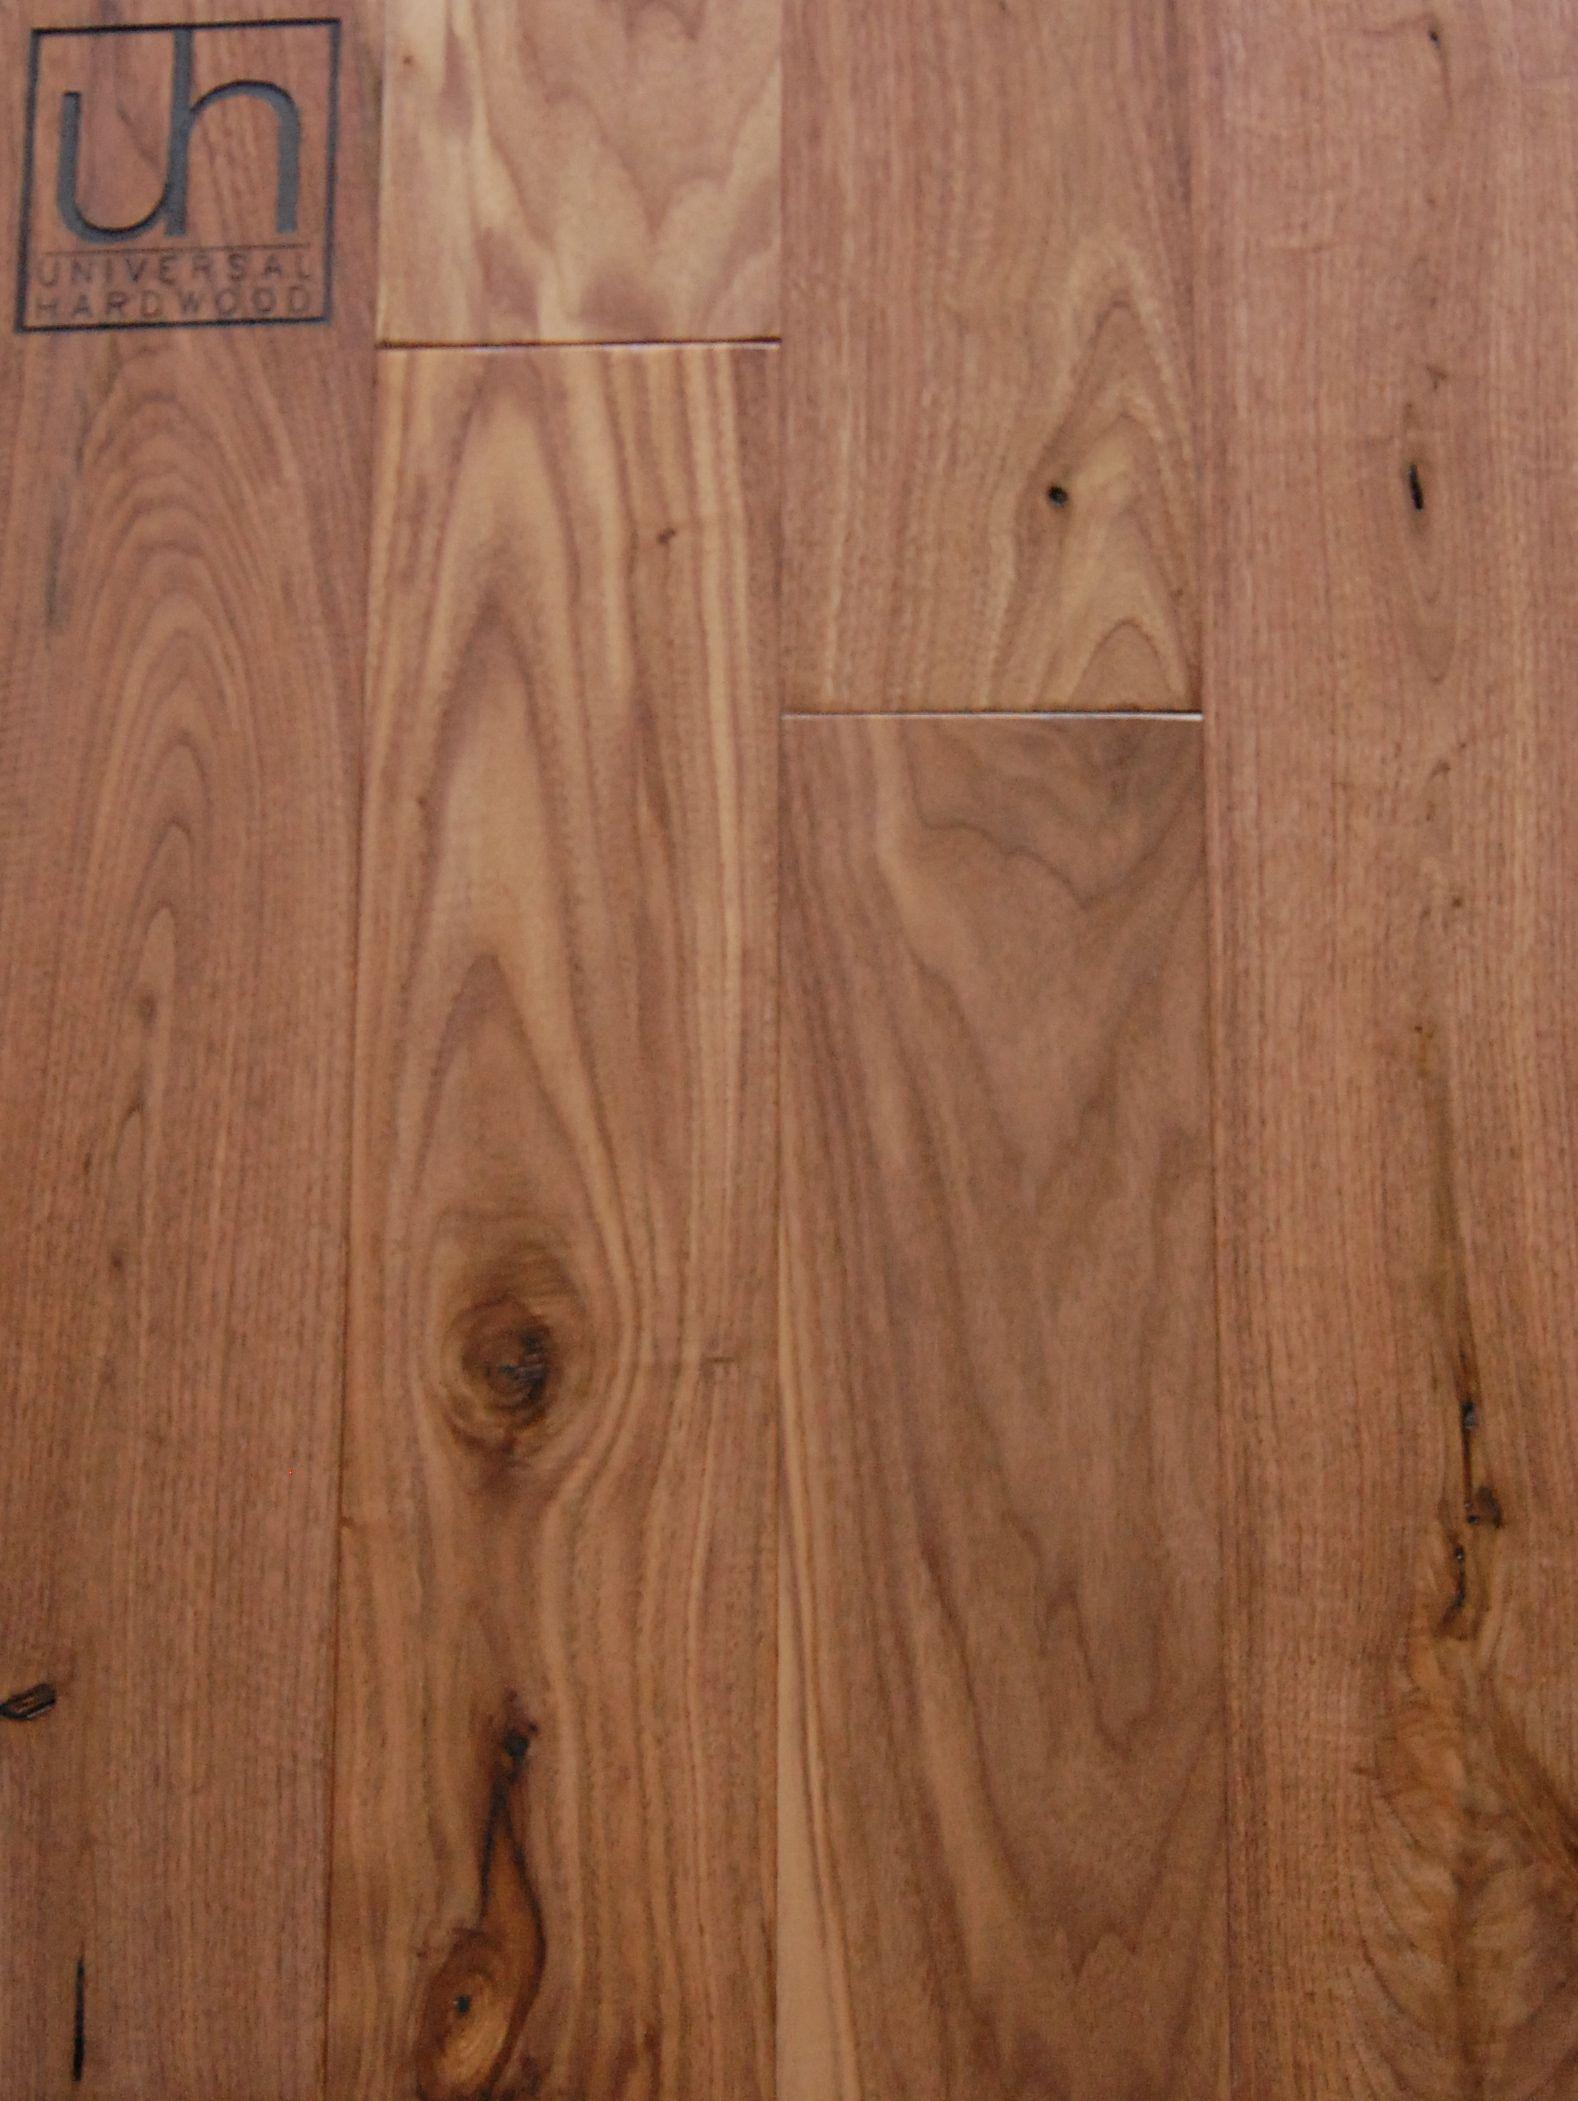 Universal Hardwood Collection The Universal Hardwood